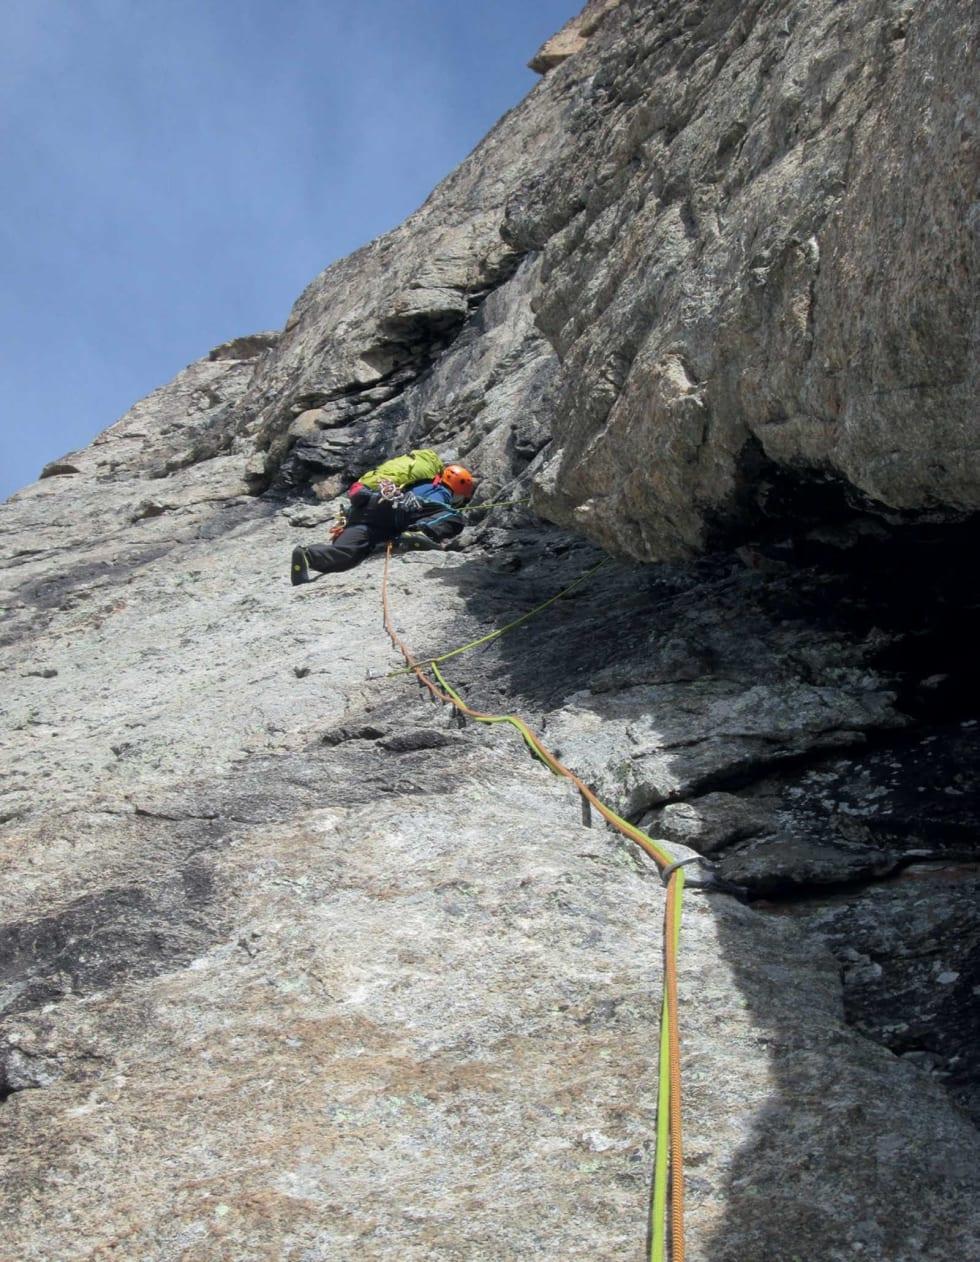 GRANITT: Eirik storkoser seg på ei av dei mange 5b taulengdene. Foto: Stig Helset